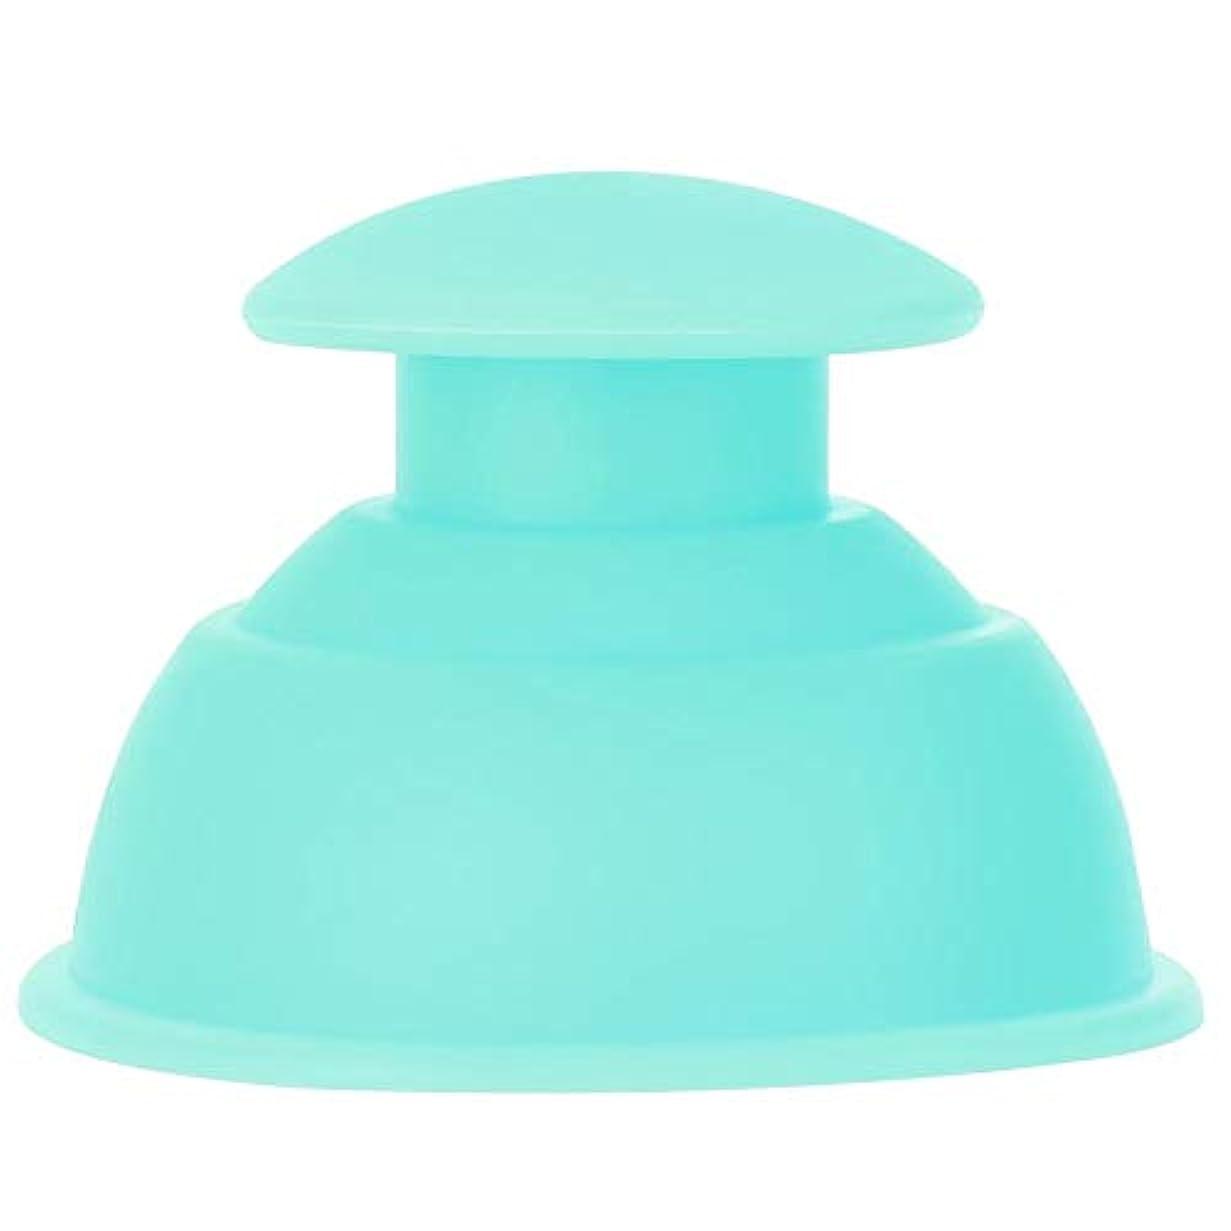 バースト胃通知7種類のカッピングカップマッサージセット、シリコーン水分吸収剤アンチセルライトバキュームによる 全身疲れの緩和(グリーン)